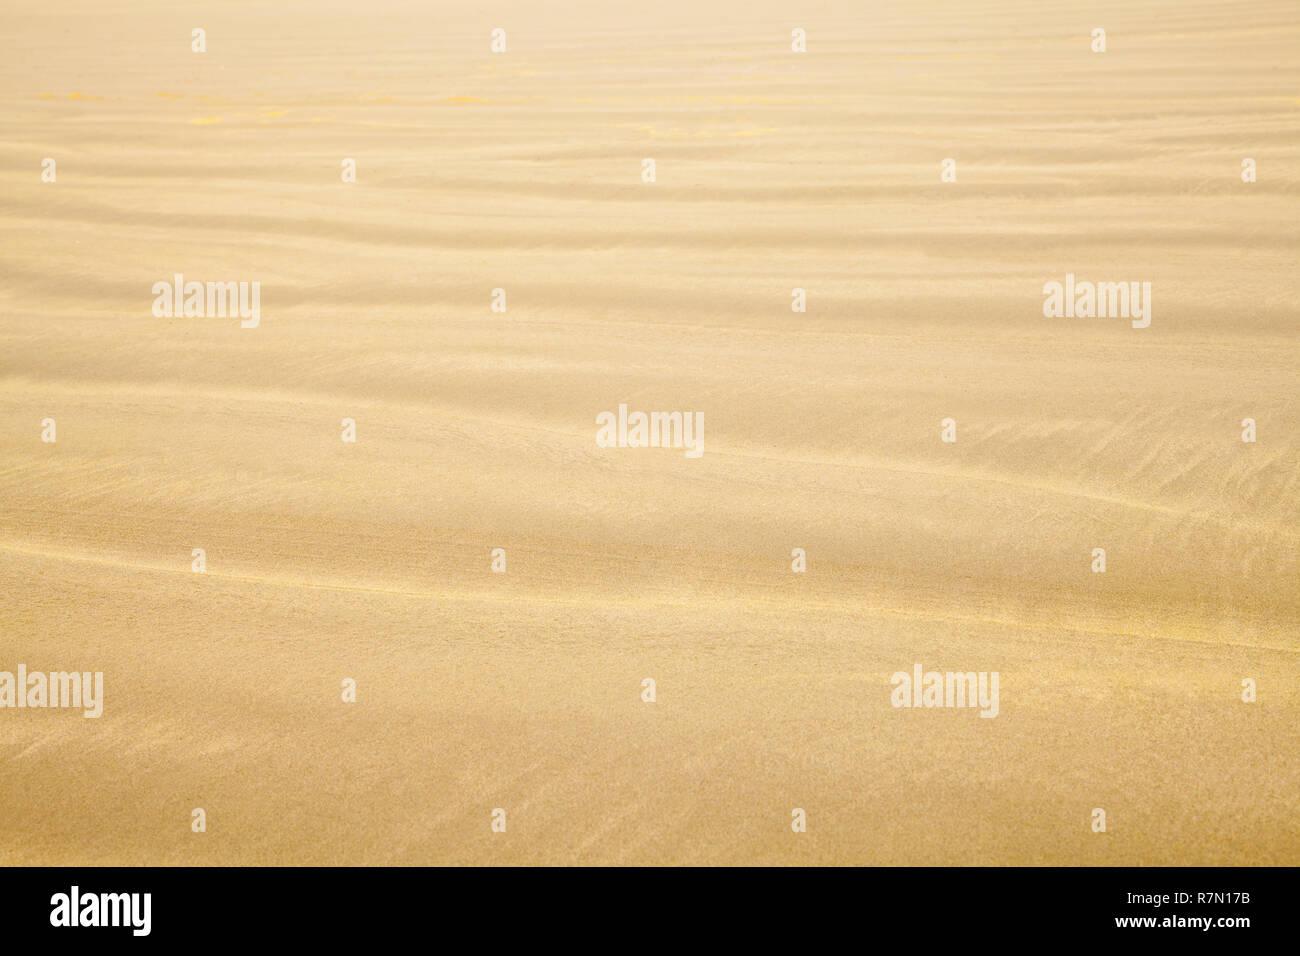 Le sable de la plage avec des vagues de fond d'ondulation. Photo Stock